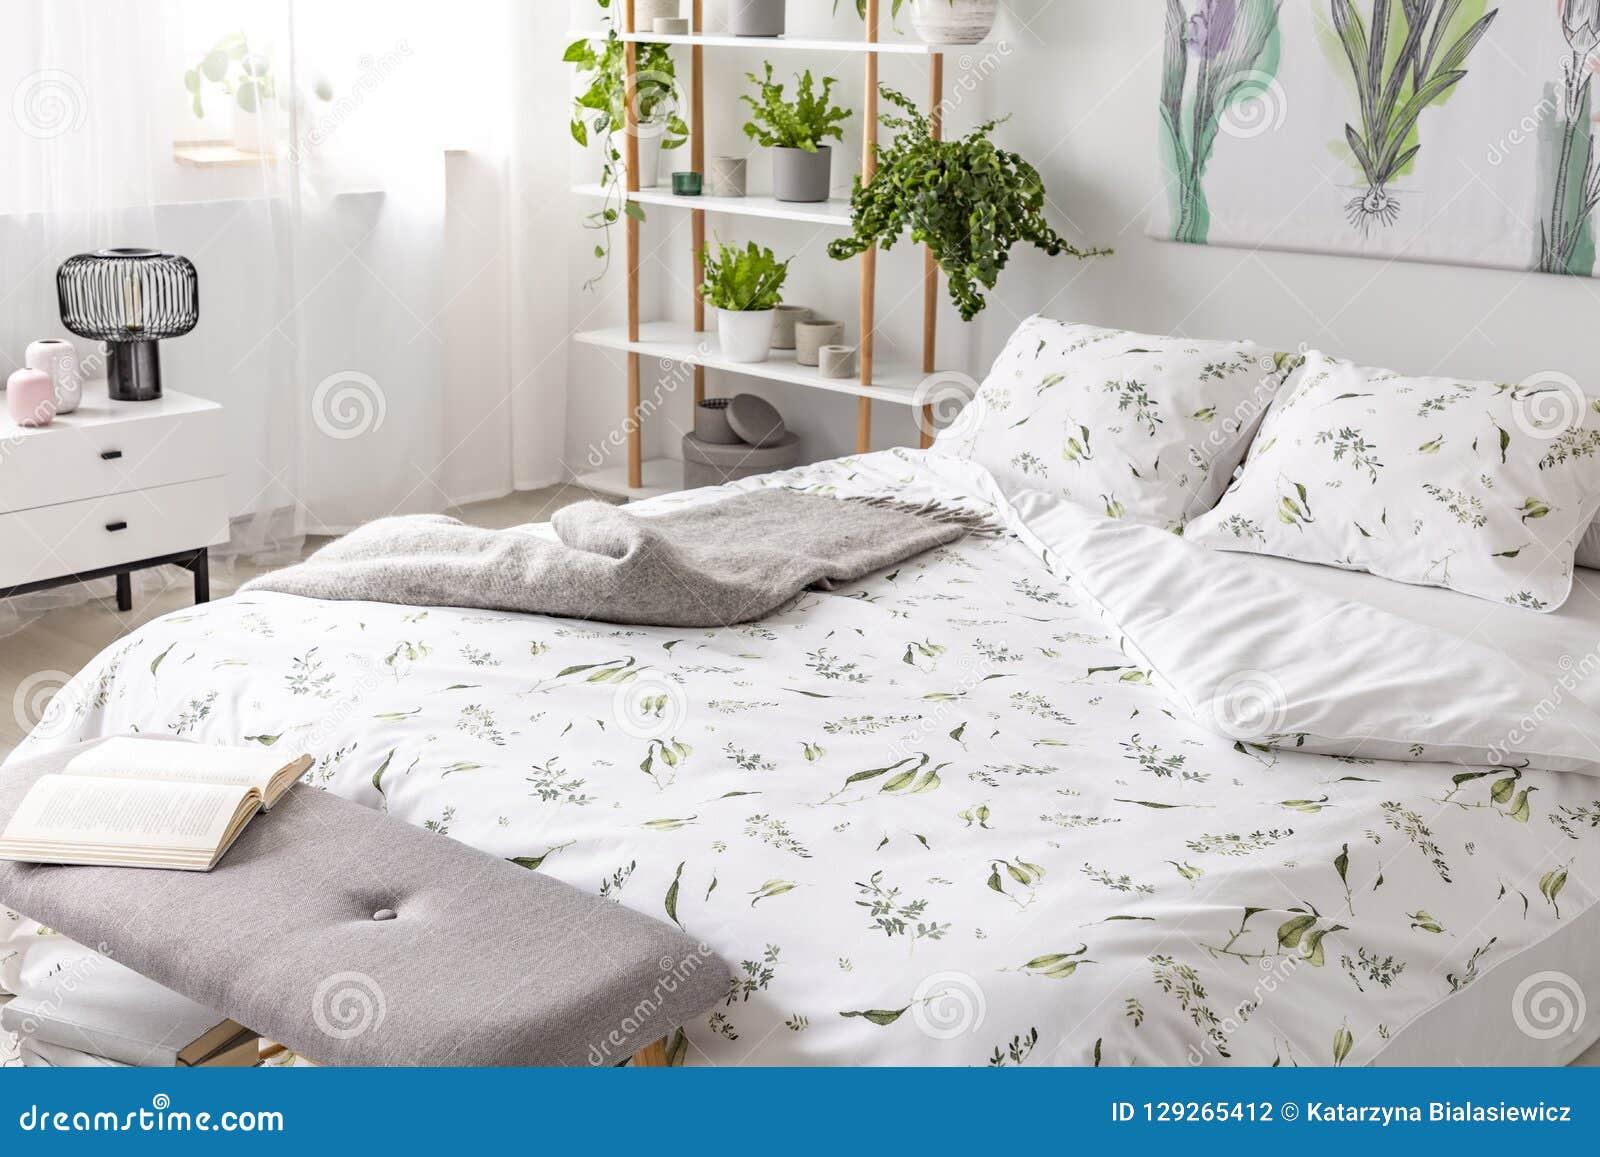 Zielonej rośliny wzór na białej pościeli i poduszki na łóżku w natury sypialni kochającym wnętrzu